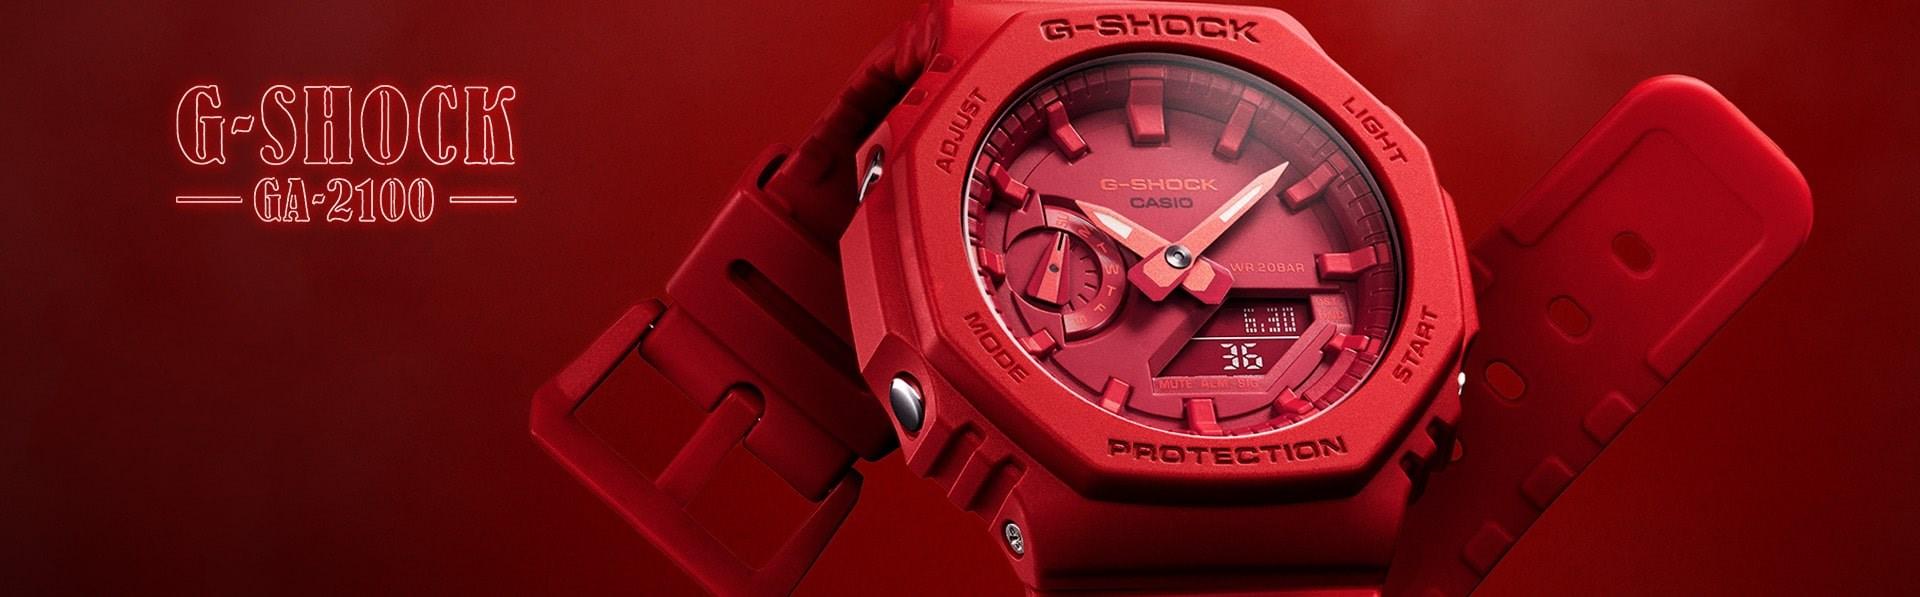 G-Shockga-2100